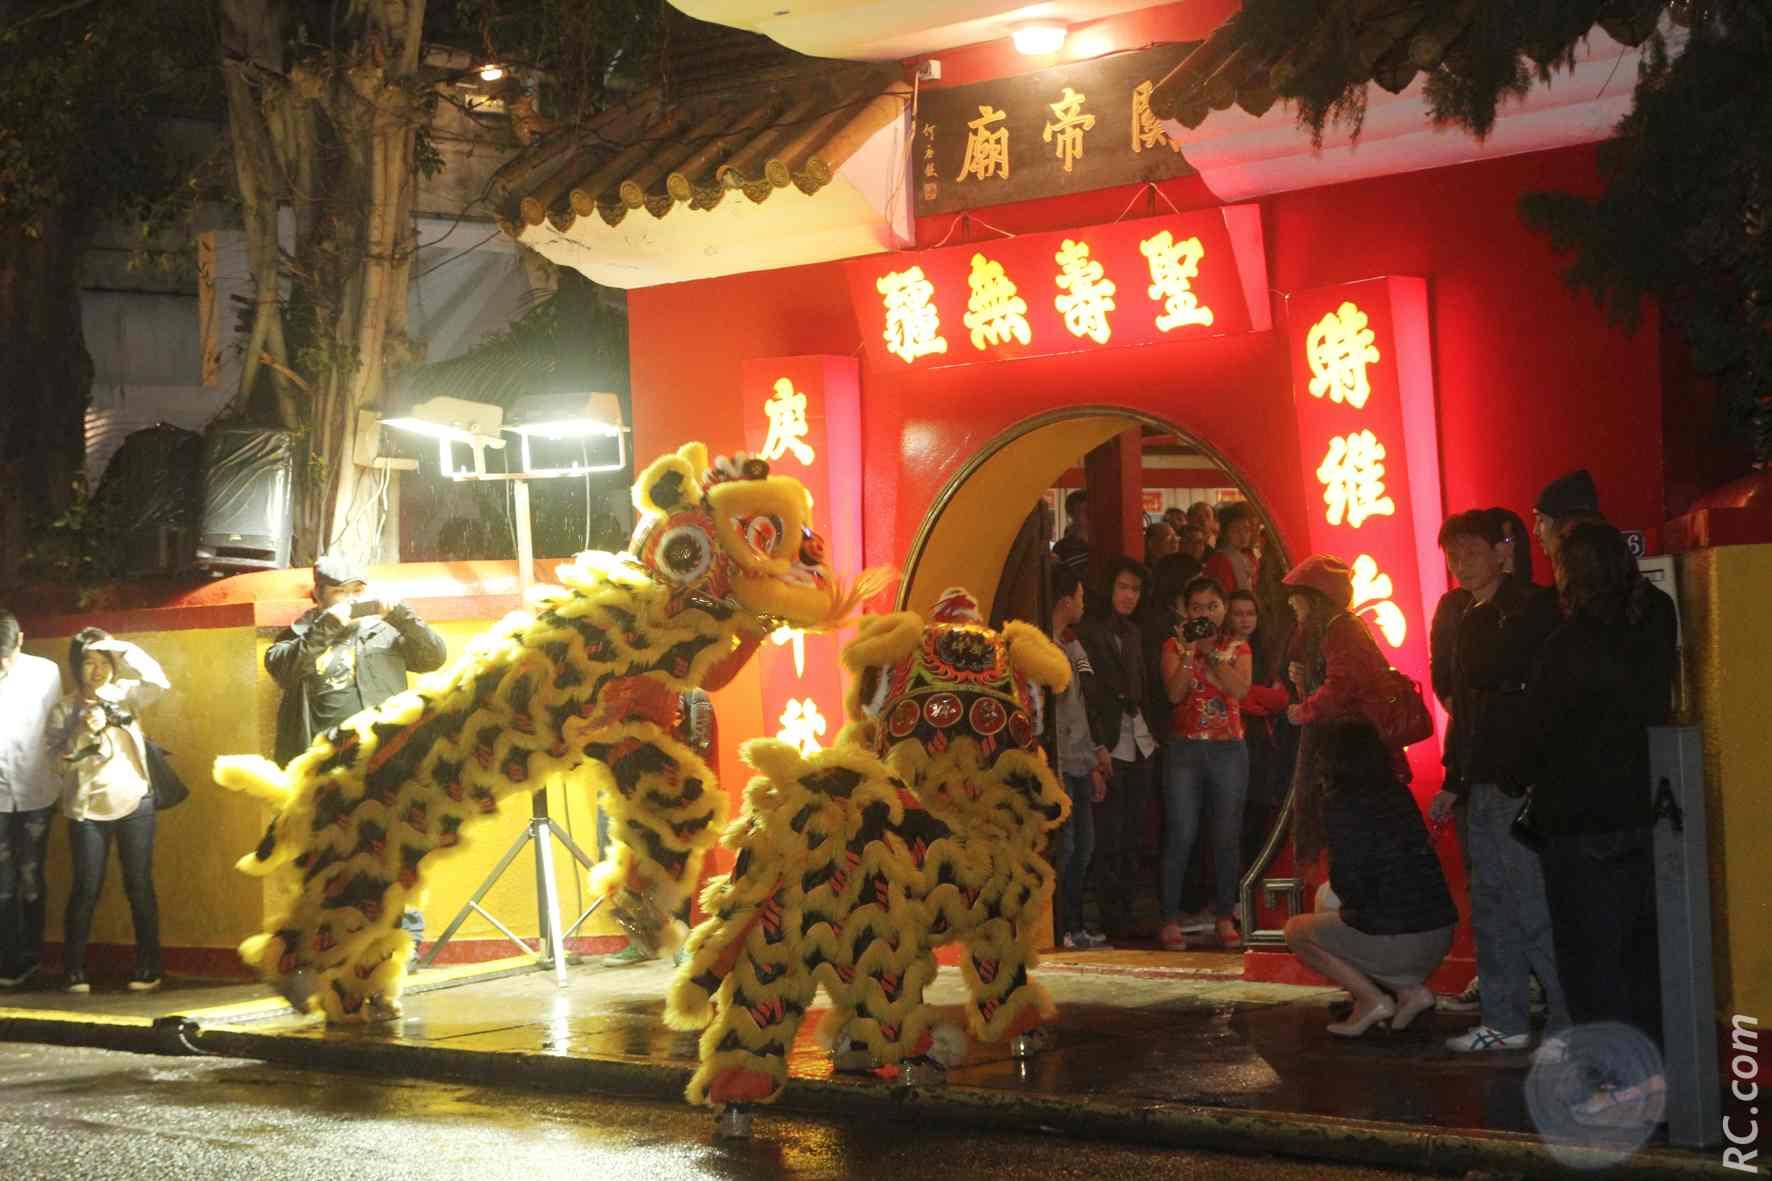 Les lions vont pénétrer dans le temple, c'est le début des festivités